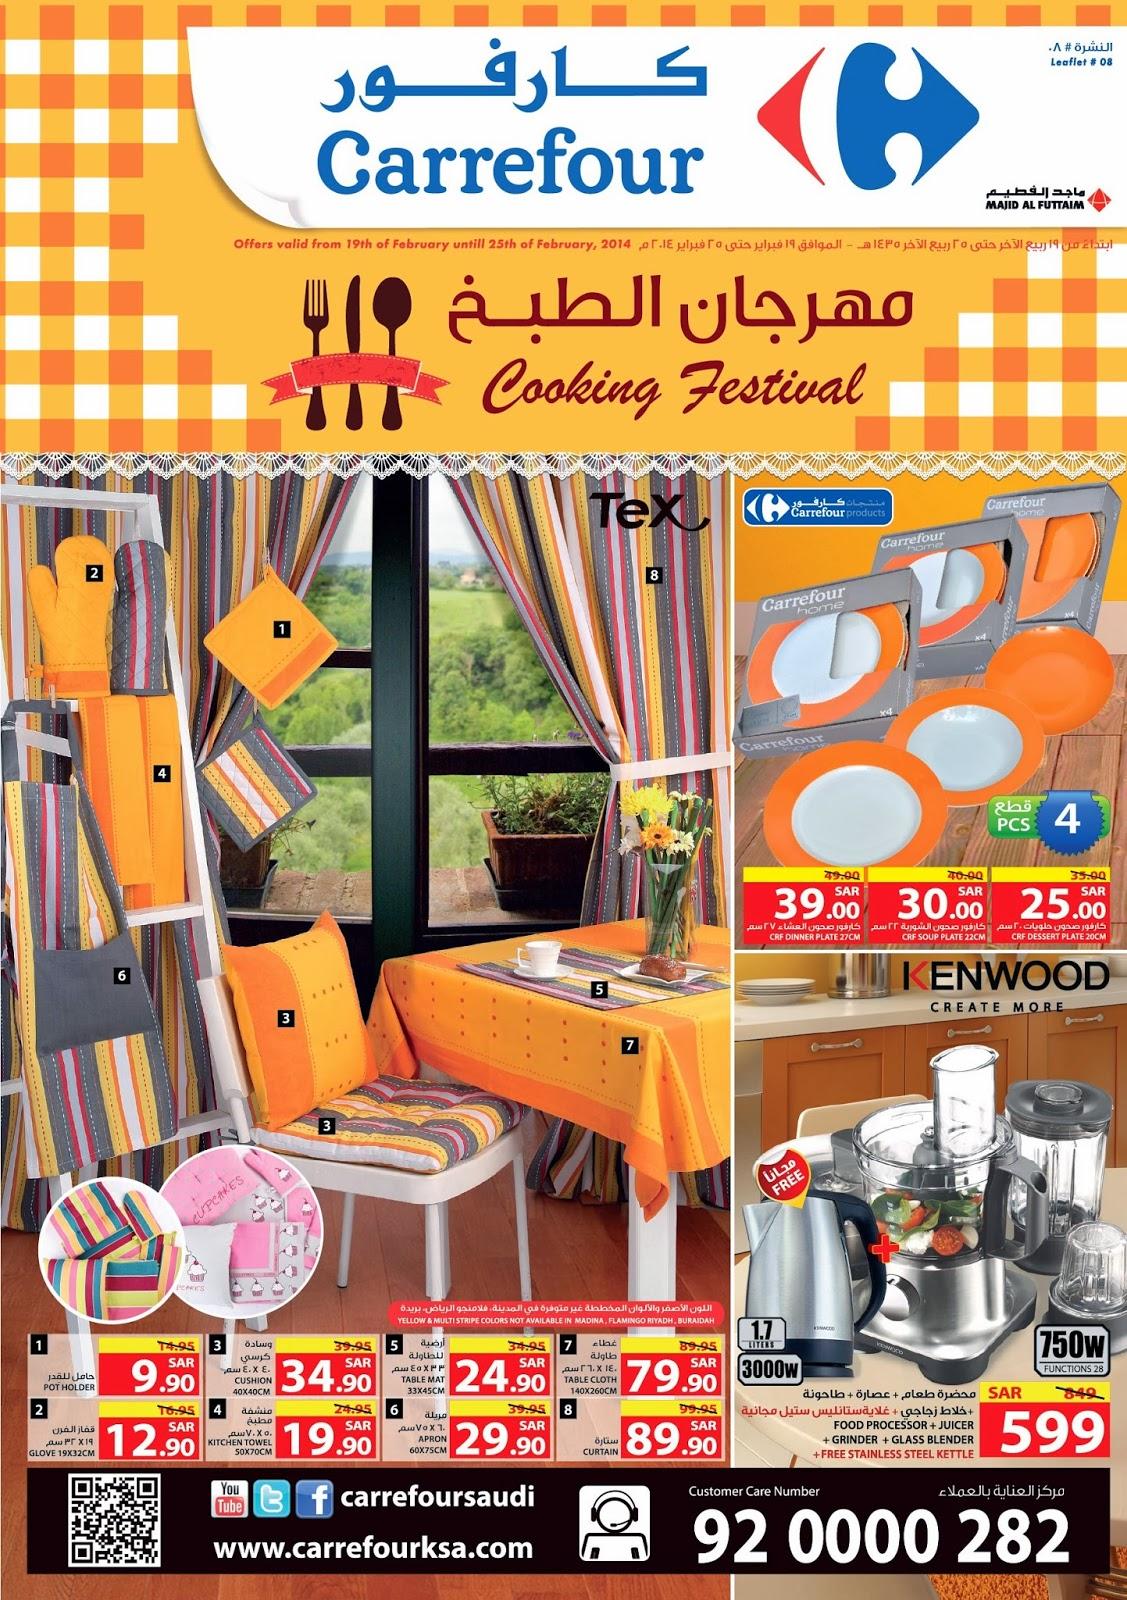 عرض مهرجان الطبخ فى كارفور السعودية فبراير 2014